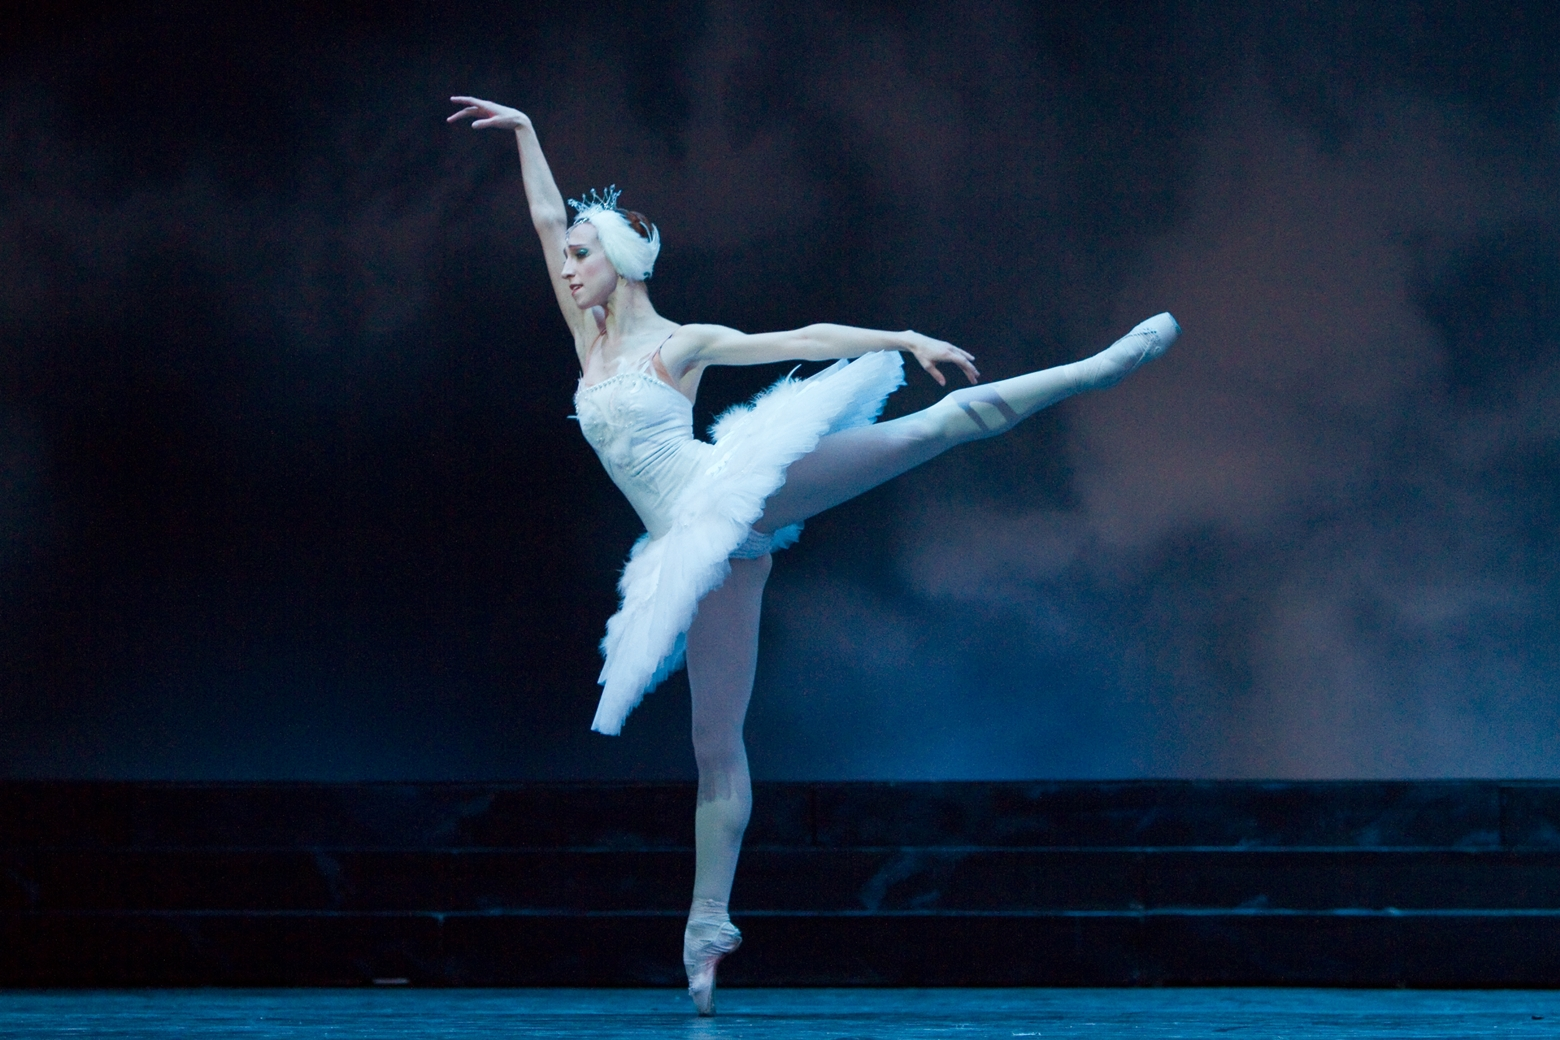 Екатеринбургская балерина заняла 3-е место на конкурсе в Бостоне